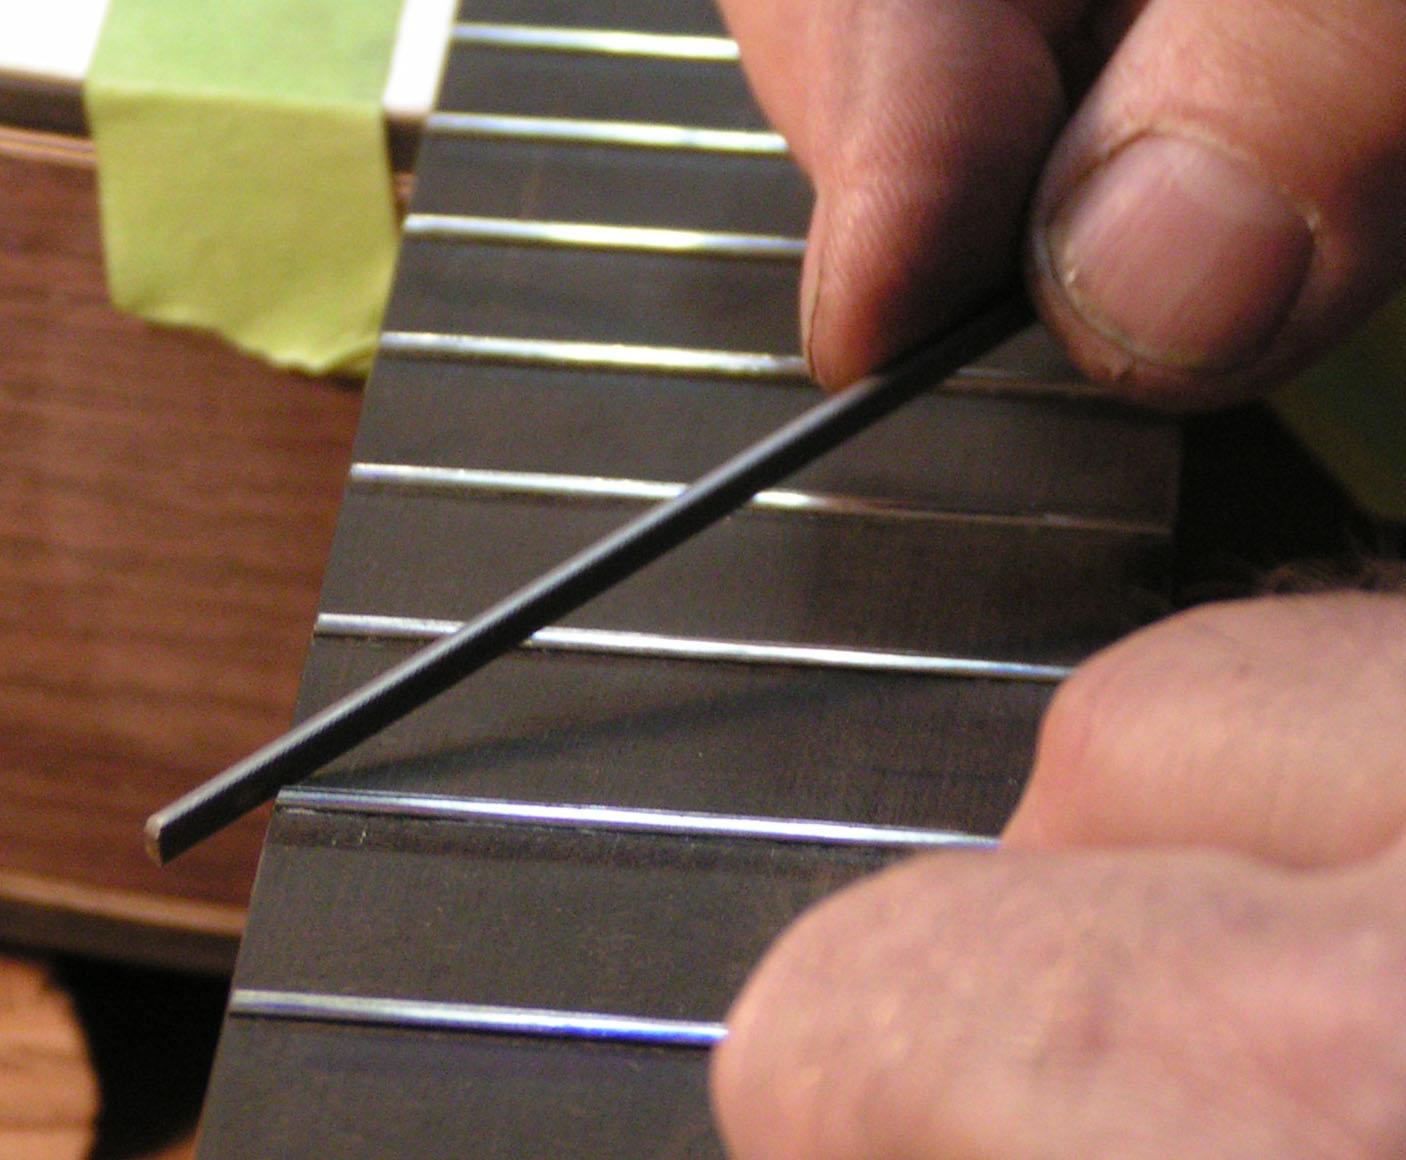 mài phím đàn guitar